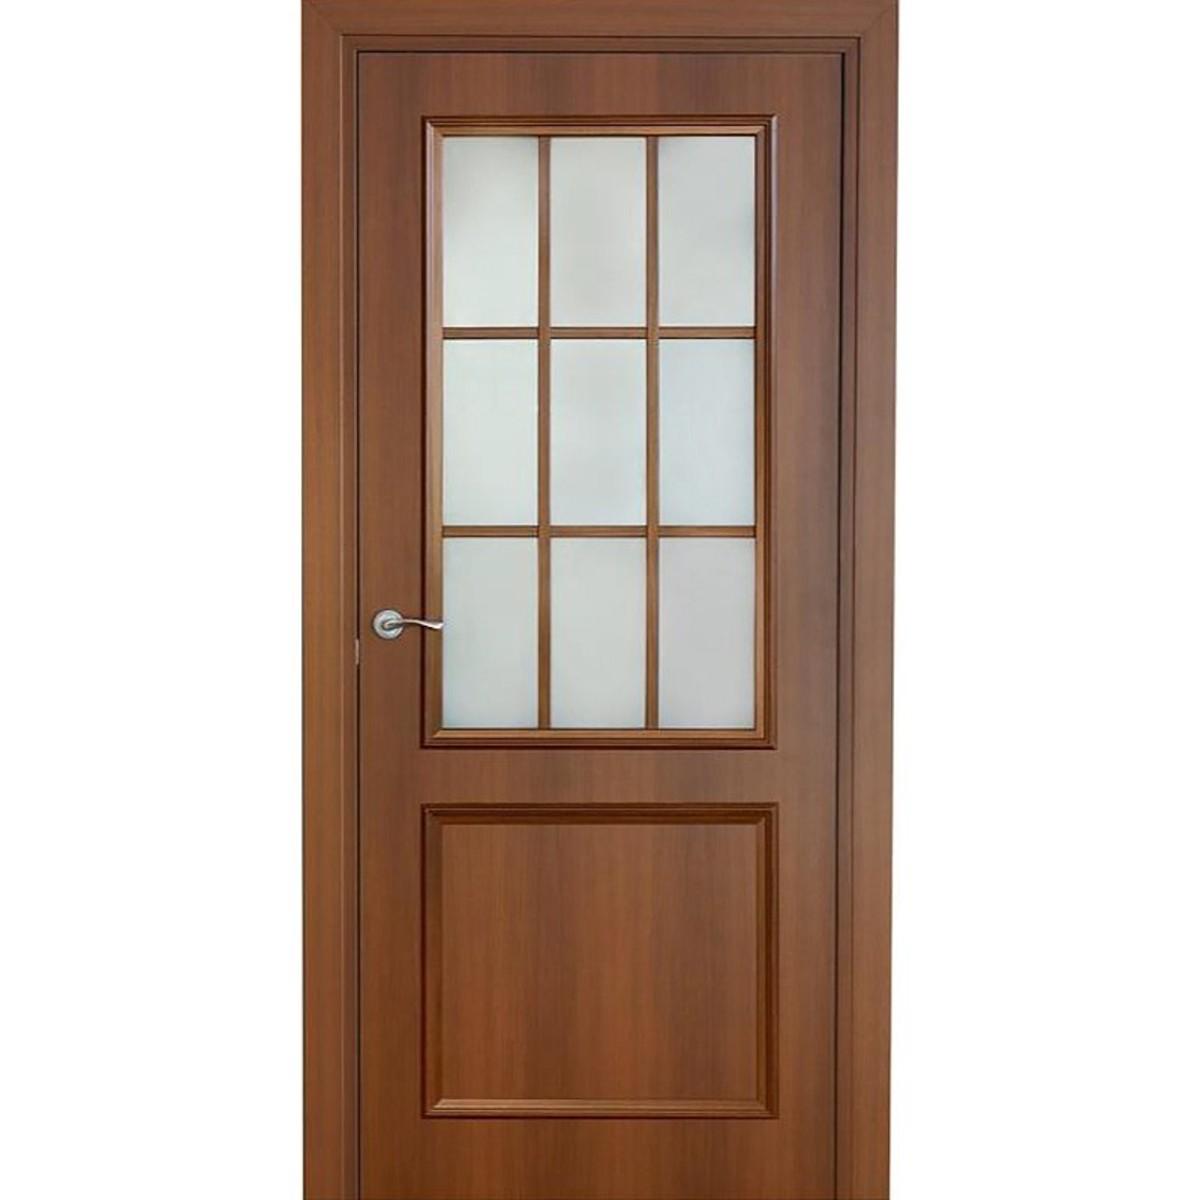 Дверь Межкомнатная Остеклённая Altro 70x200 Ламинация Цвет Орех